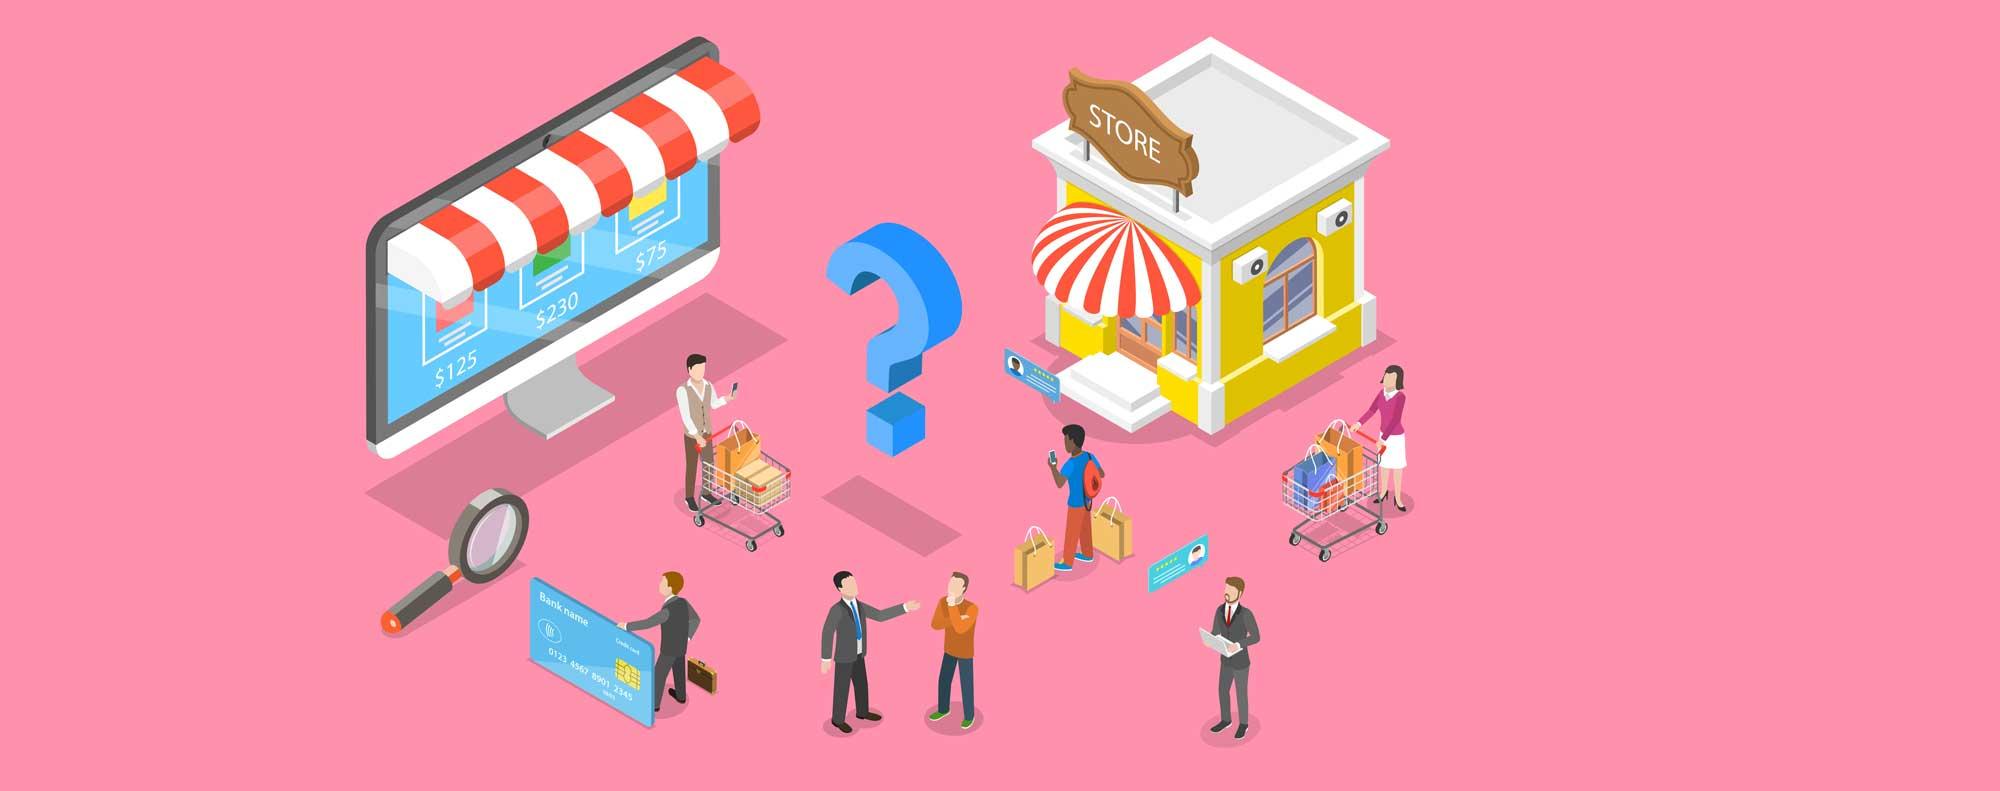 utente-libero-di-scegliere-tra-online-e-offline-phygital-marketing